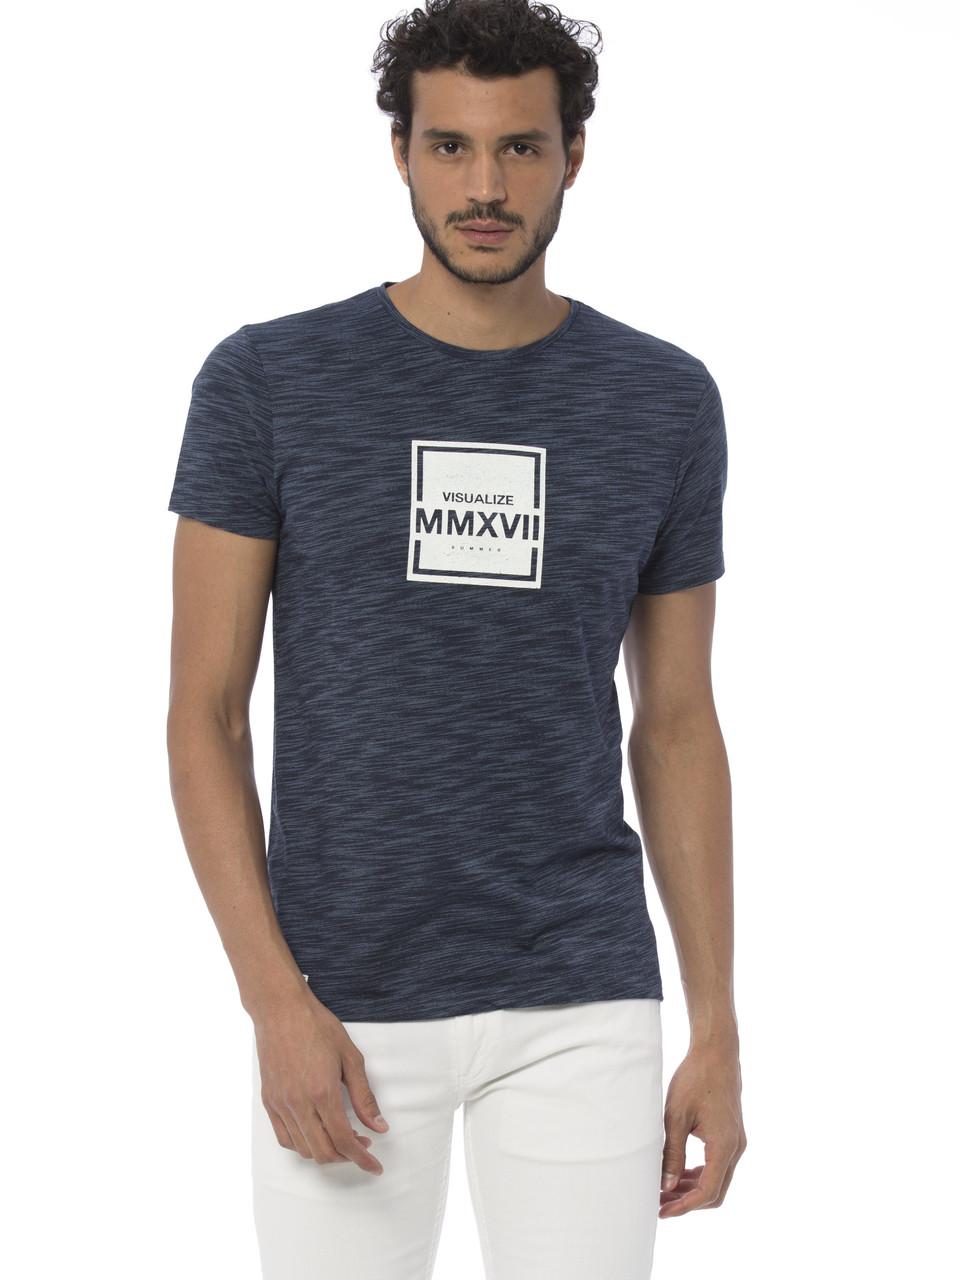 Синяя мужская футболка LC Waikiki / ЛС Вайкики с надписью Visualize